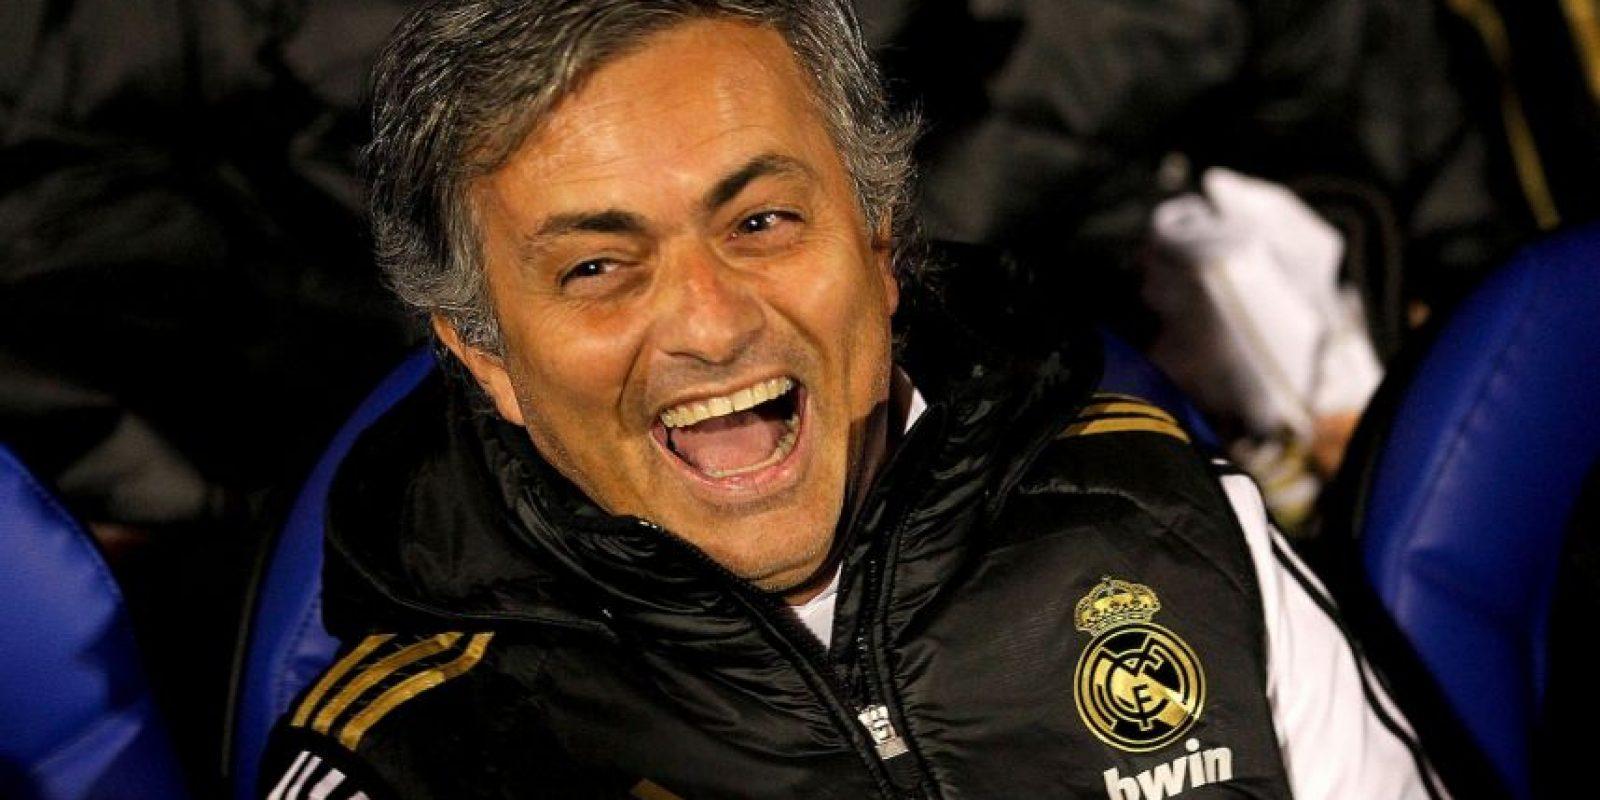 """También acusó al Barcelona de recibir ayudas arbitrales y nombró a los silbantes involucrados. Además, recordó la Champions League de 2009 donde los catalanes vencieron al Chelsea en semifinales en uno de los partidos más polémicos de la historia, y el """"Special One"""" le lanzó un dardo a Pep Guardiola: """"¿Por qué? ¿Por qué? ¿Por qué? Ovrebo, Stark, Bussaca, Frisk, De Bleeckere… No sé si será la publicidad de UNICEF. Pep ha ganado una Champions que a mí me daría vergüenza"""". Foto:Getty Images"""